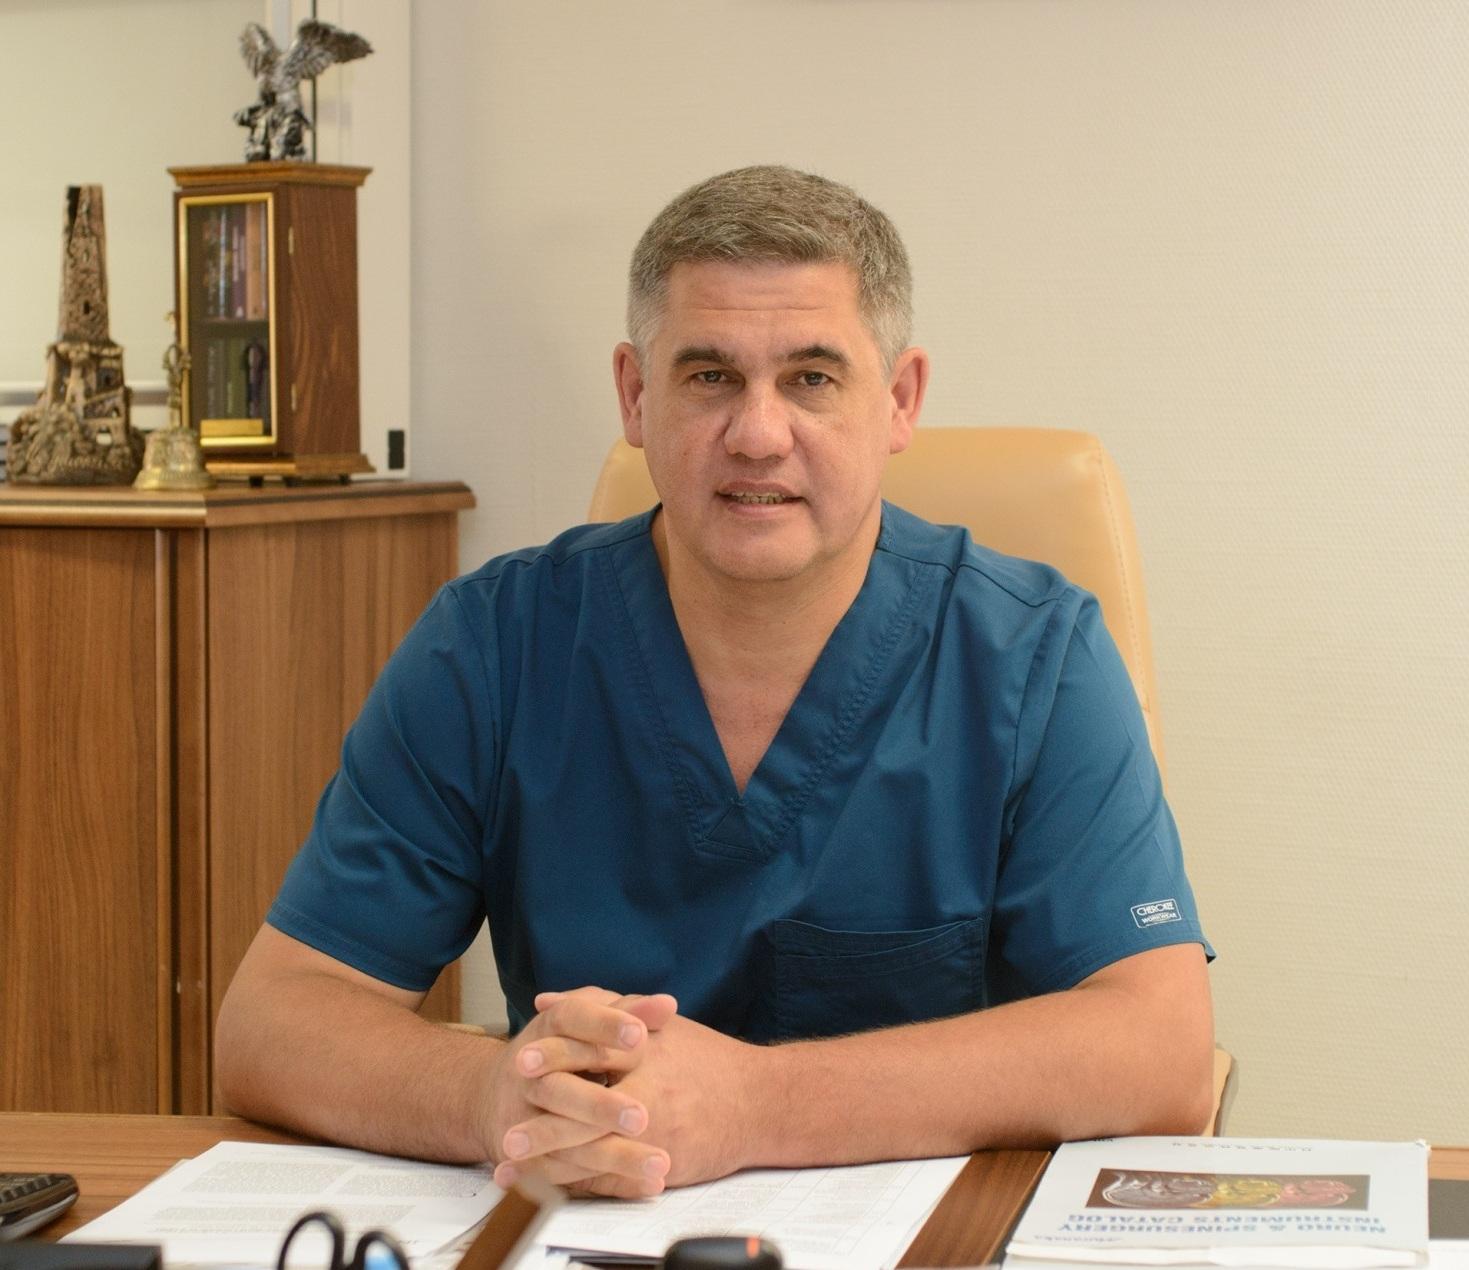 Врач-нейрохирург высшей категории, профессор, главный врач Федерального центра нейрохирургииМЗ РФ города ТюменьАльберт Суфианов